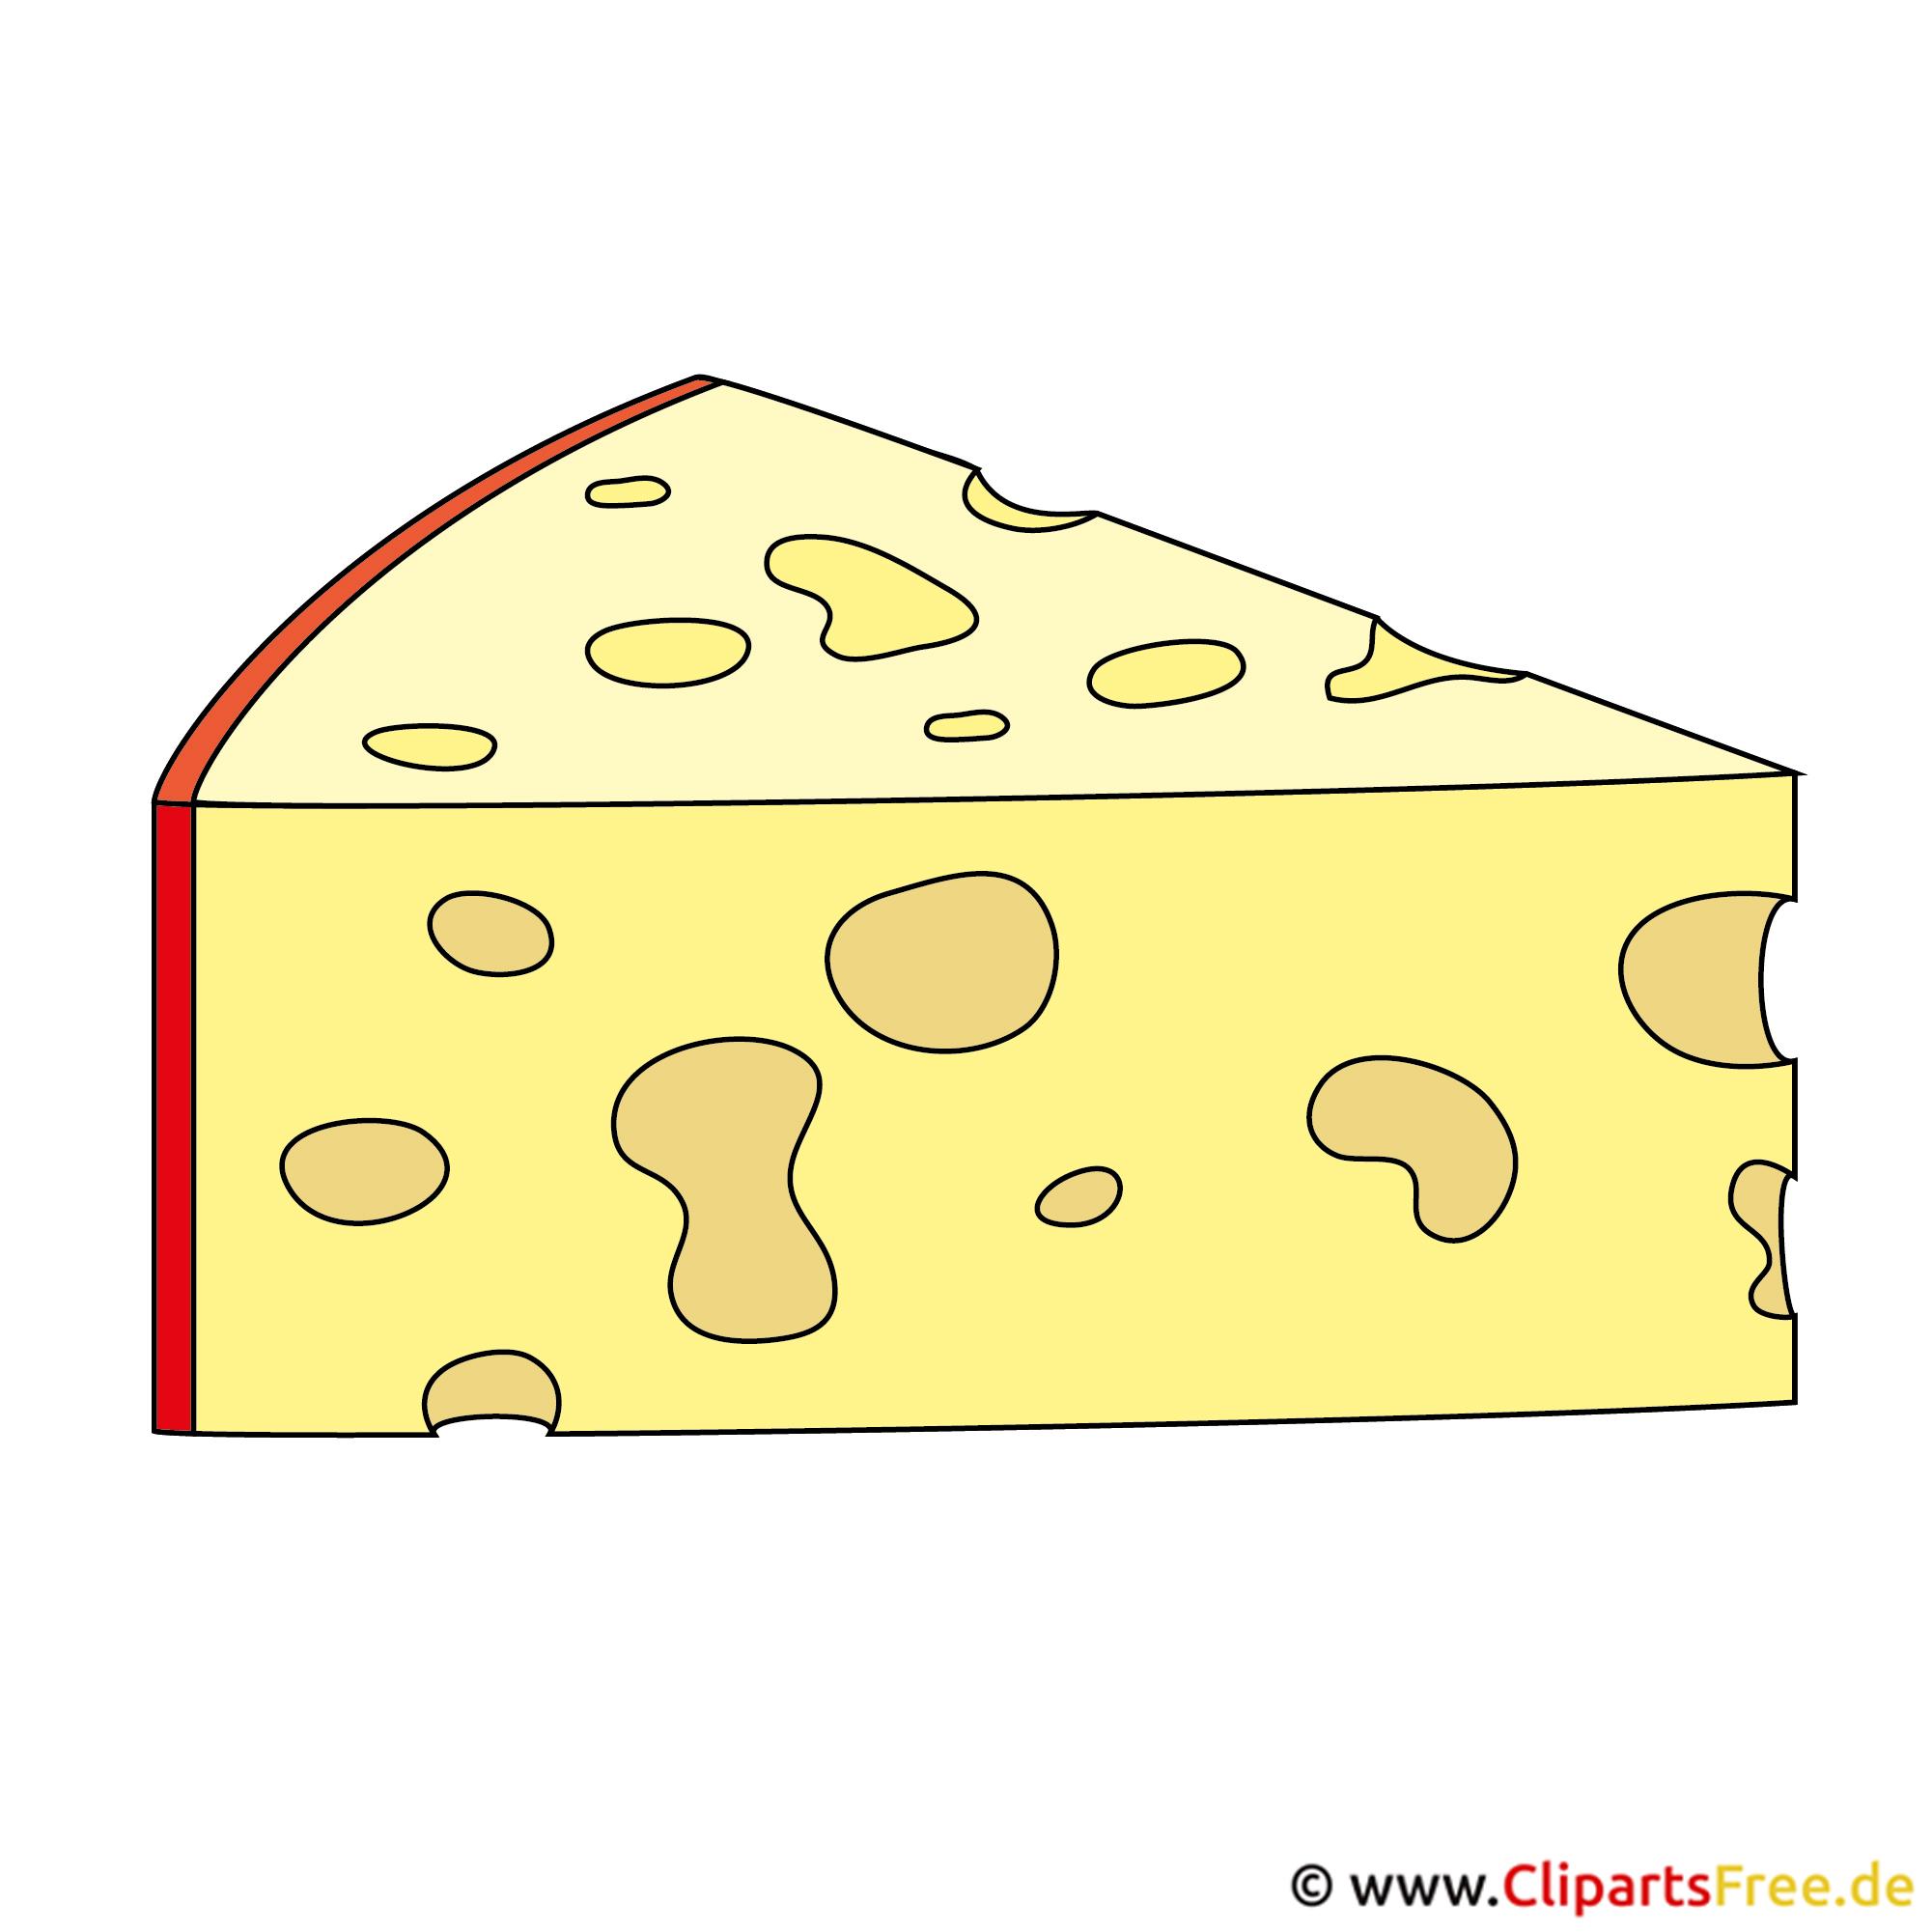 Käse clipart schwarz weiß  Käse Cliparts